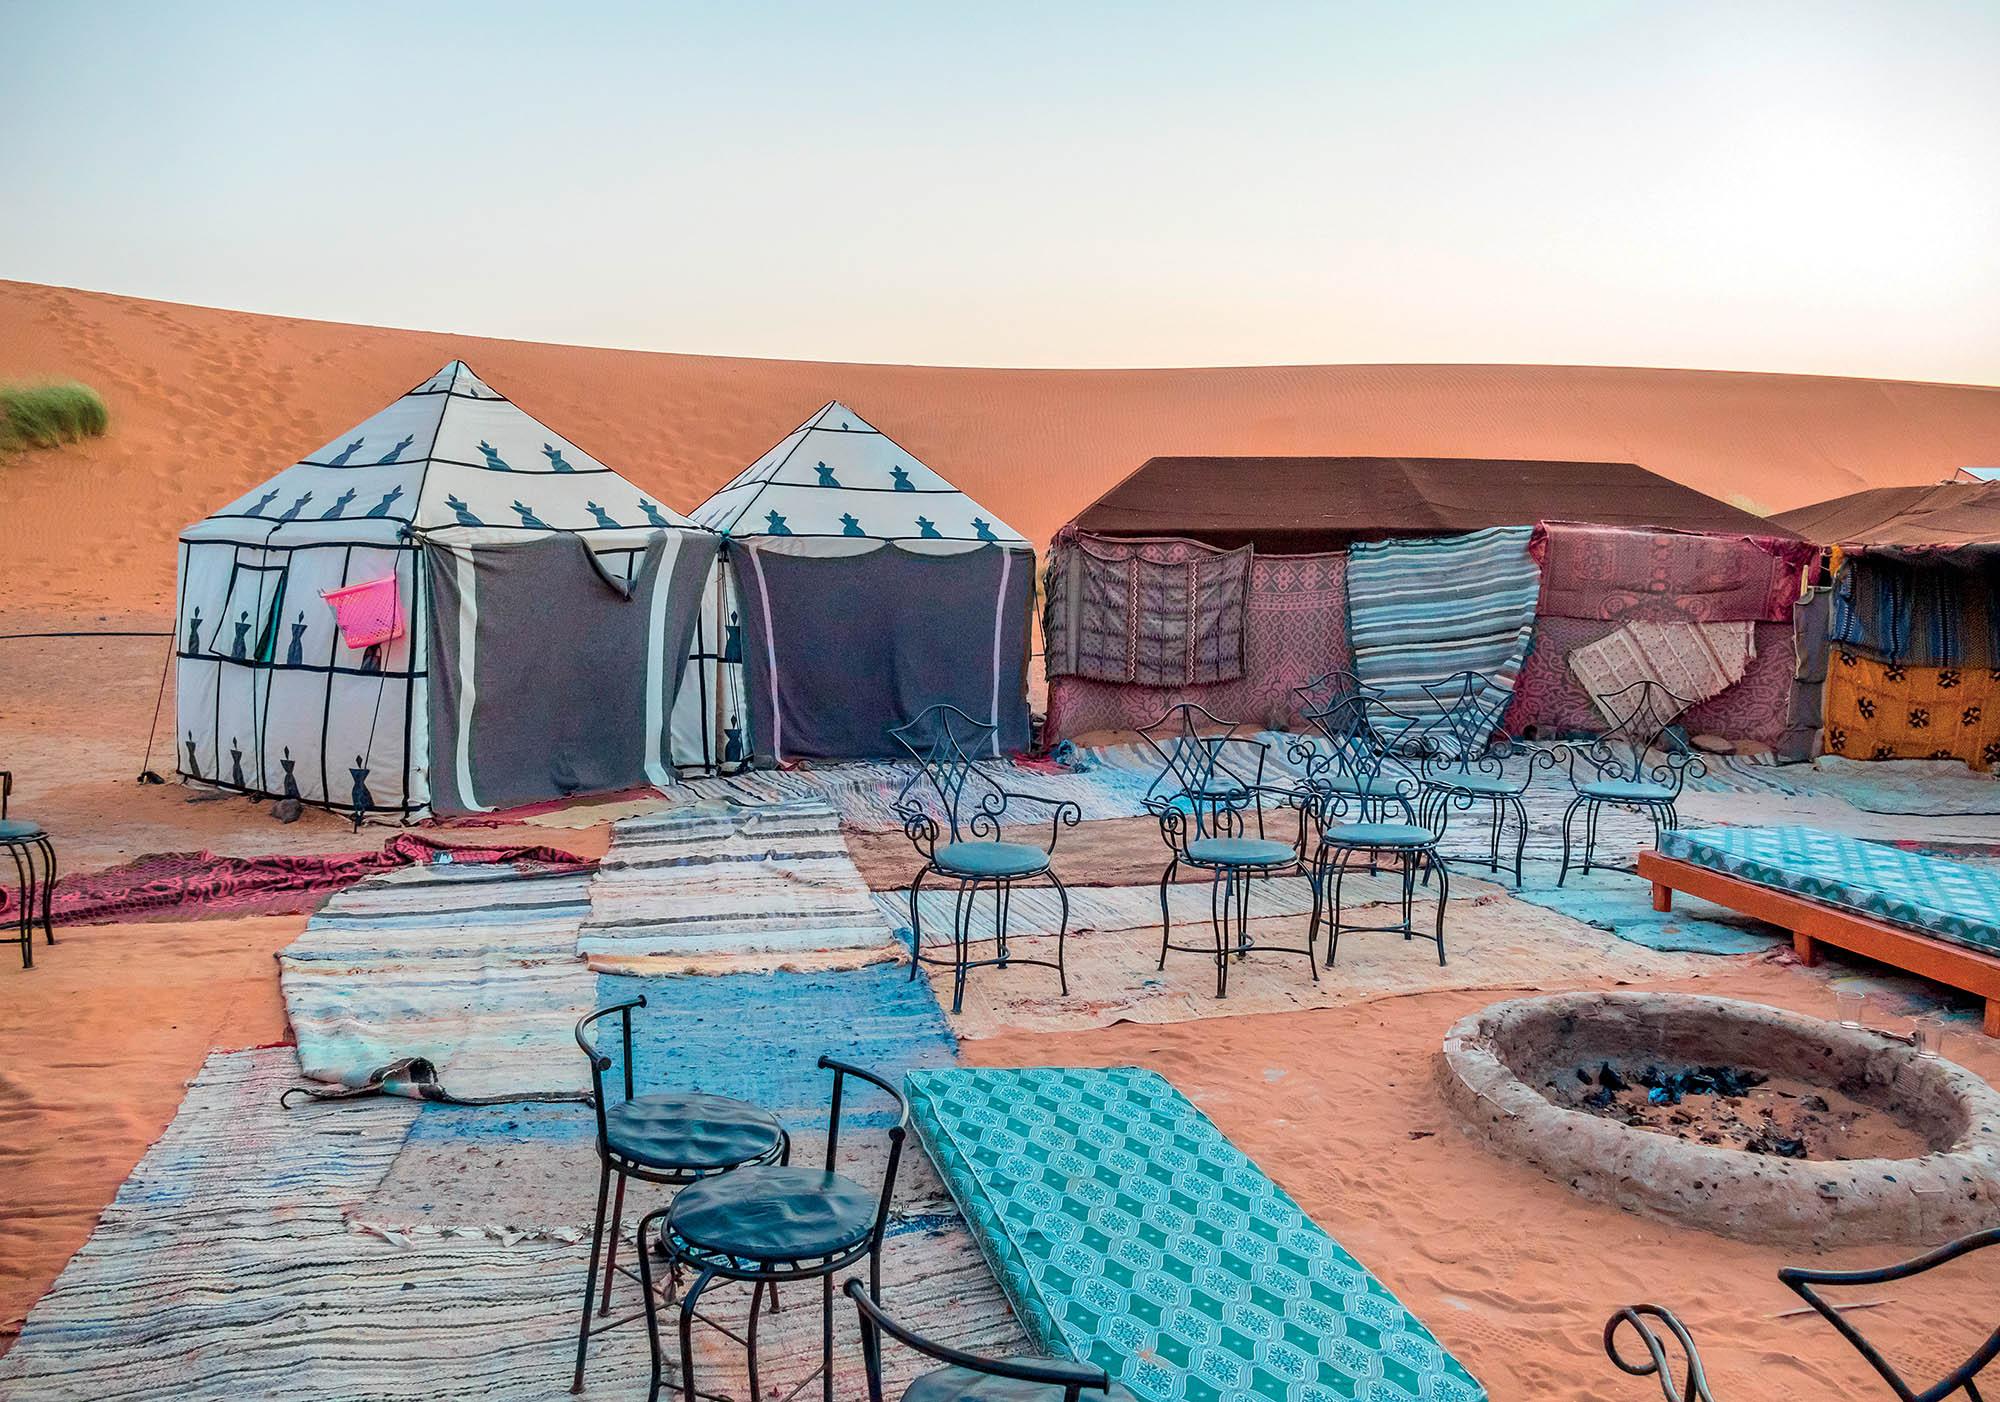 Morocco du lịch các túp lều cắm trại tại Sahara